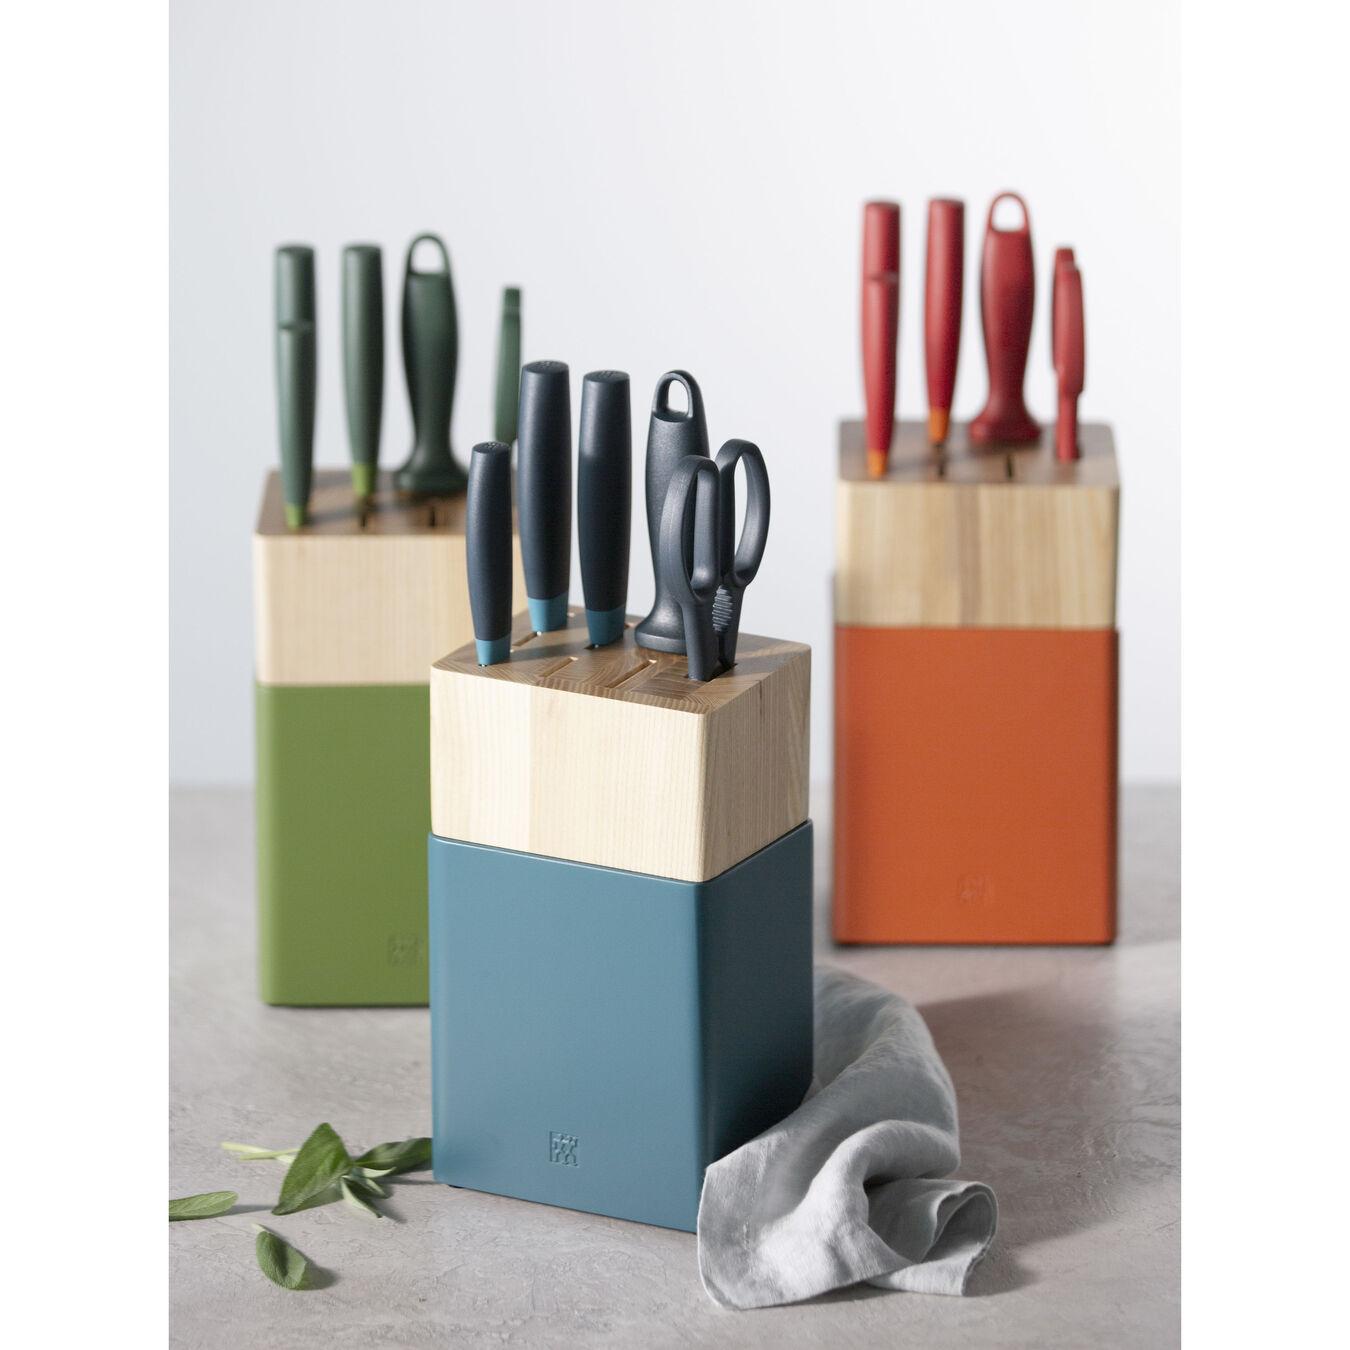 8-pc Knife Block Set - Blueberry Blue,,large 5